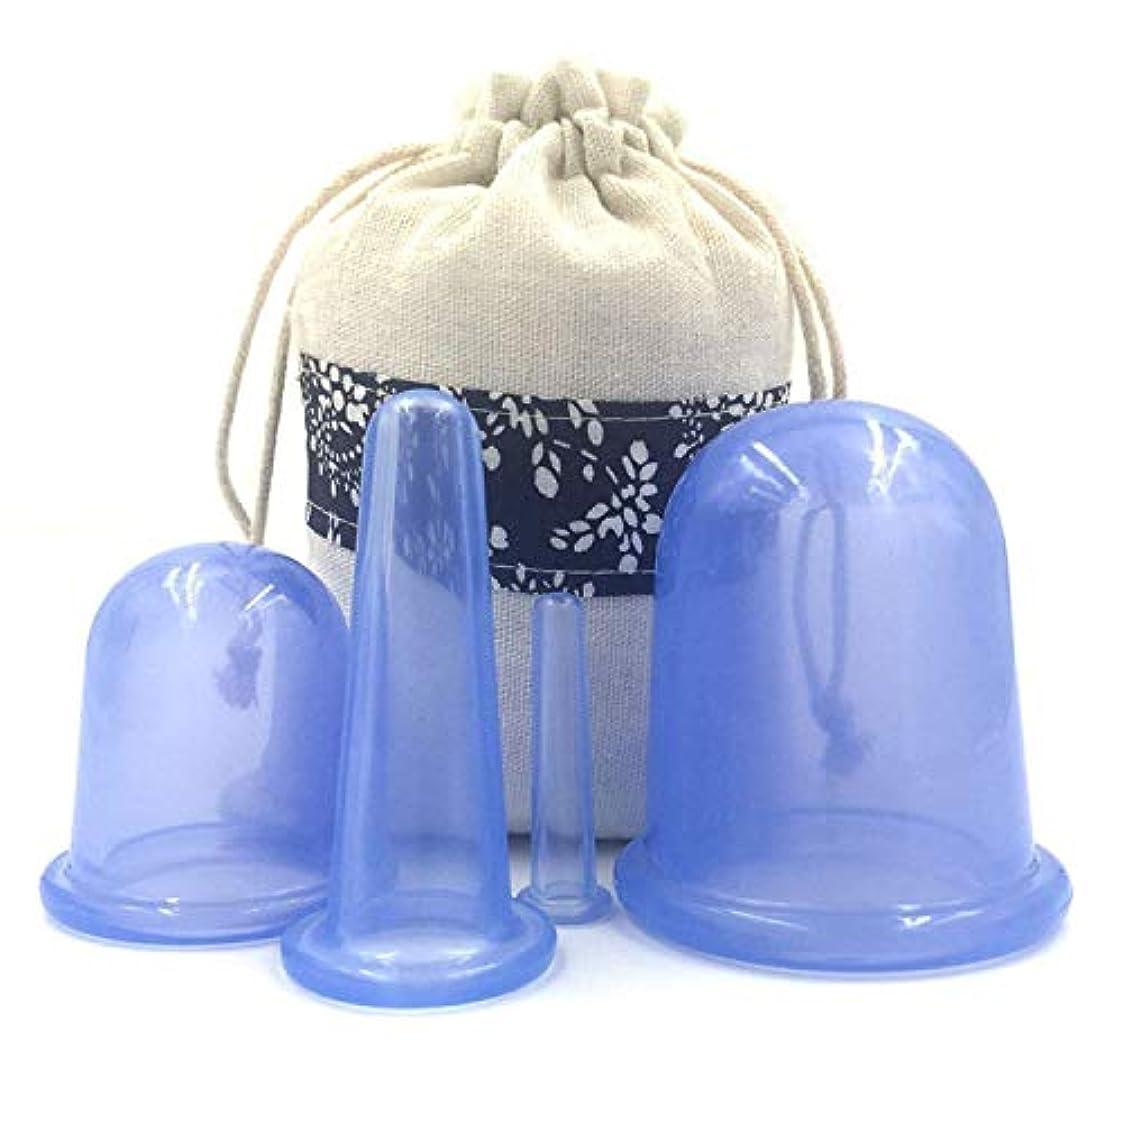 プロテスタントウォーターフロントスプレーセルライトカッピング療法シリコーンカッピングセット家庭用水分カッピングカッピングマッサージカップ